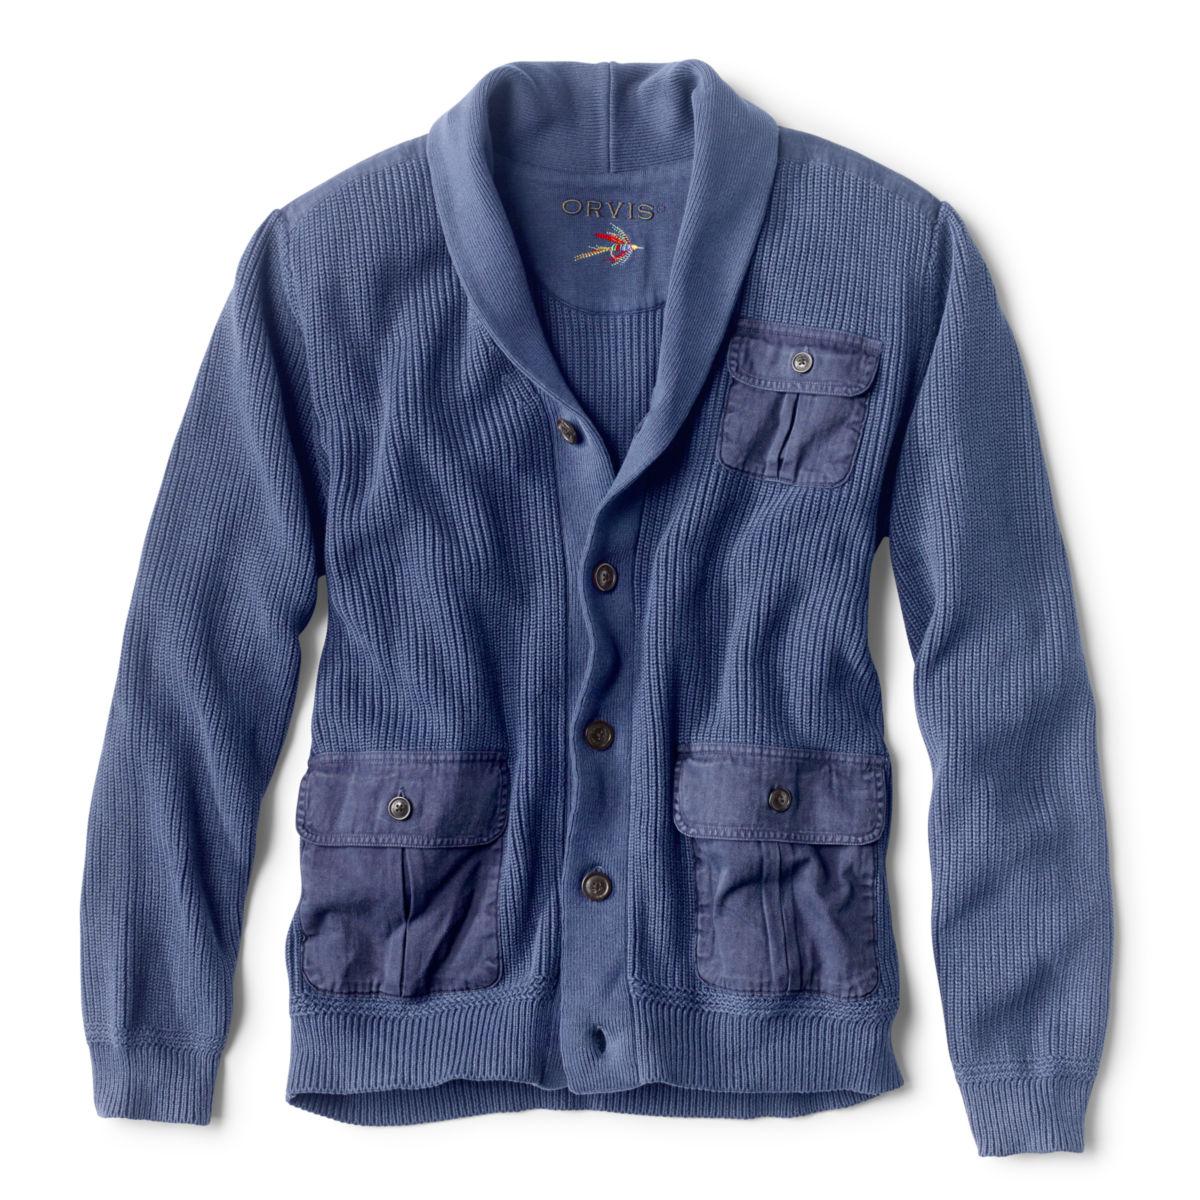 Garment-Dyed Shawl Cardigan - INDIGOimage number 0